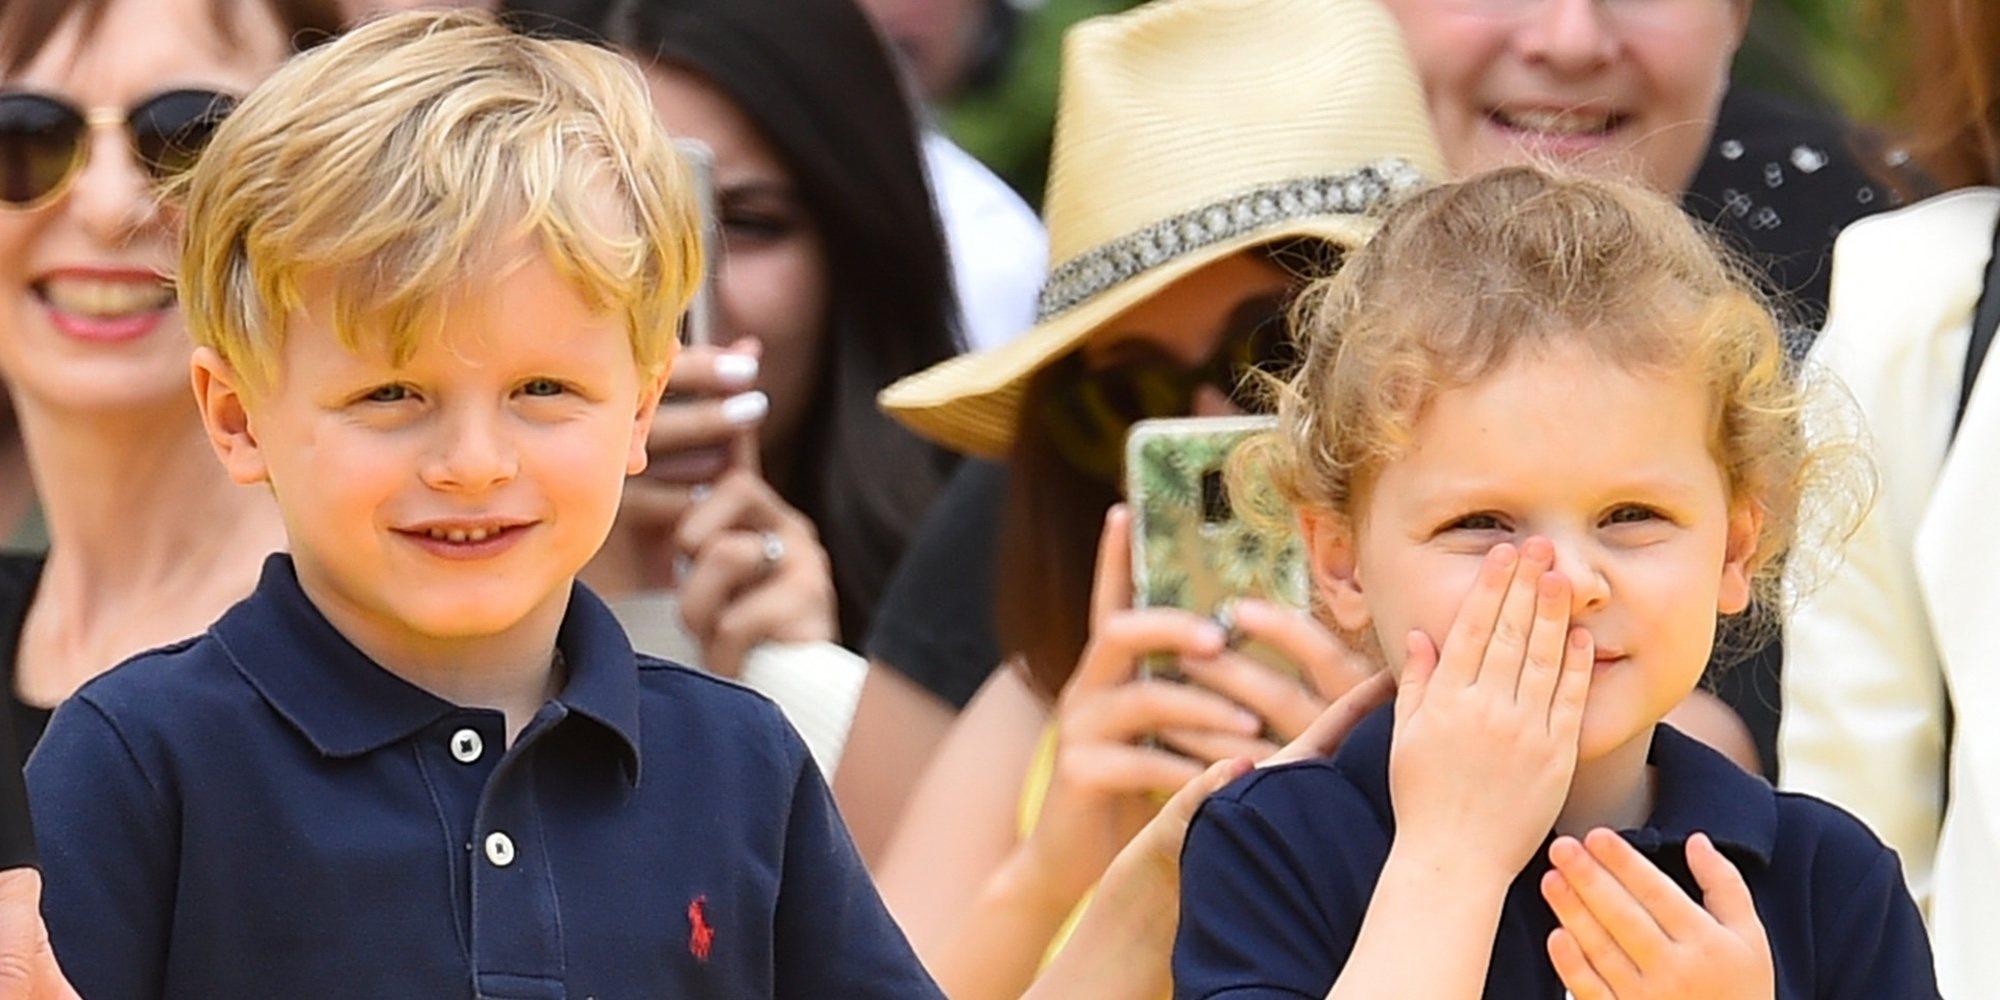 Jacques y Gabriella de Mónaco, dos pequeños príncipes emocionados al conocer a Bob Esponja